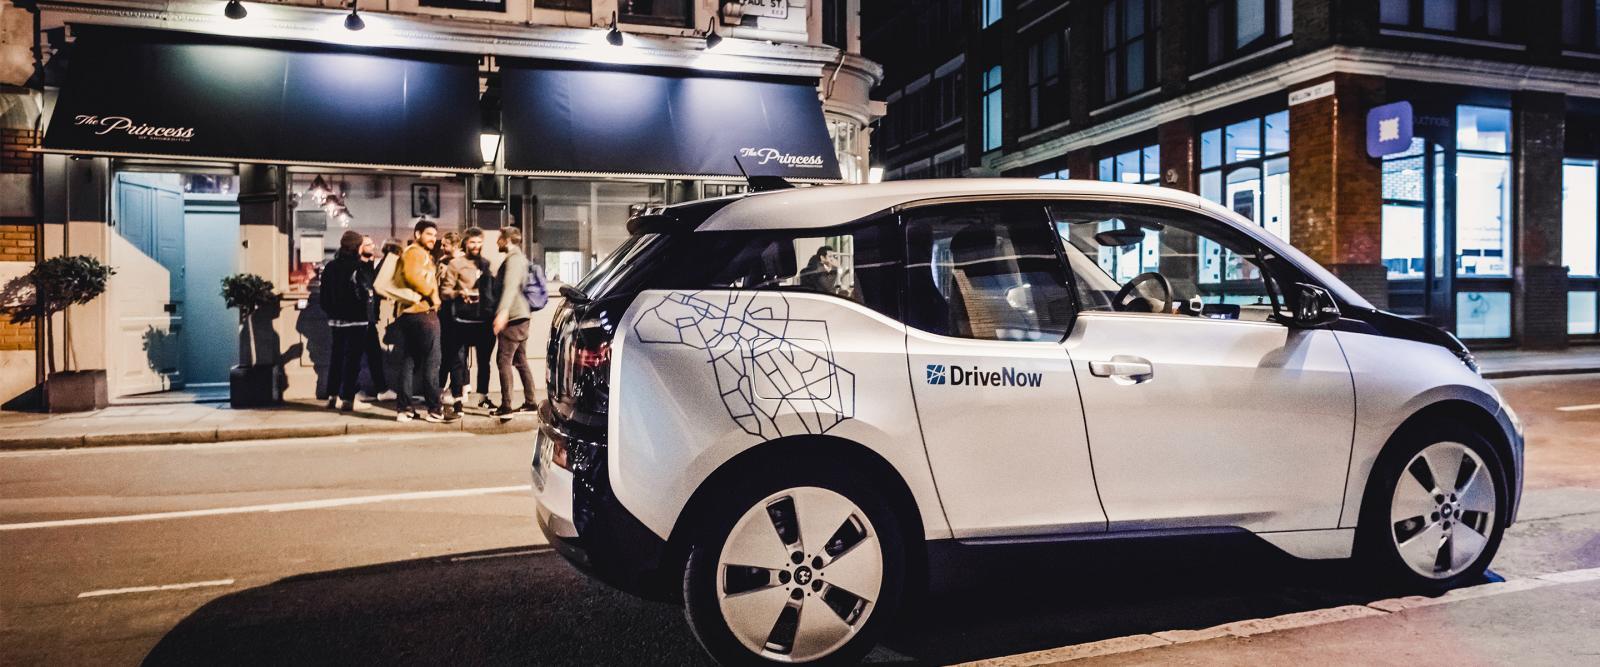 drivenow-carsharing-wien-freunde-werben-freunde